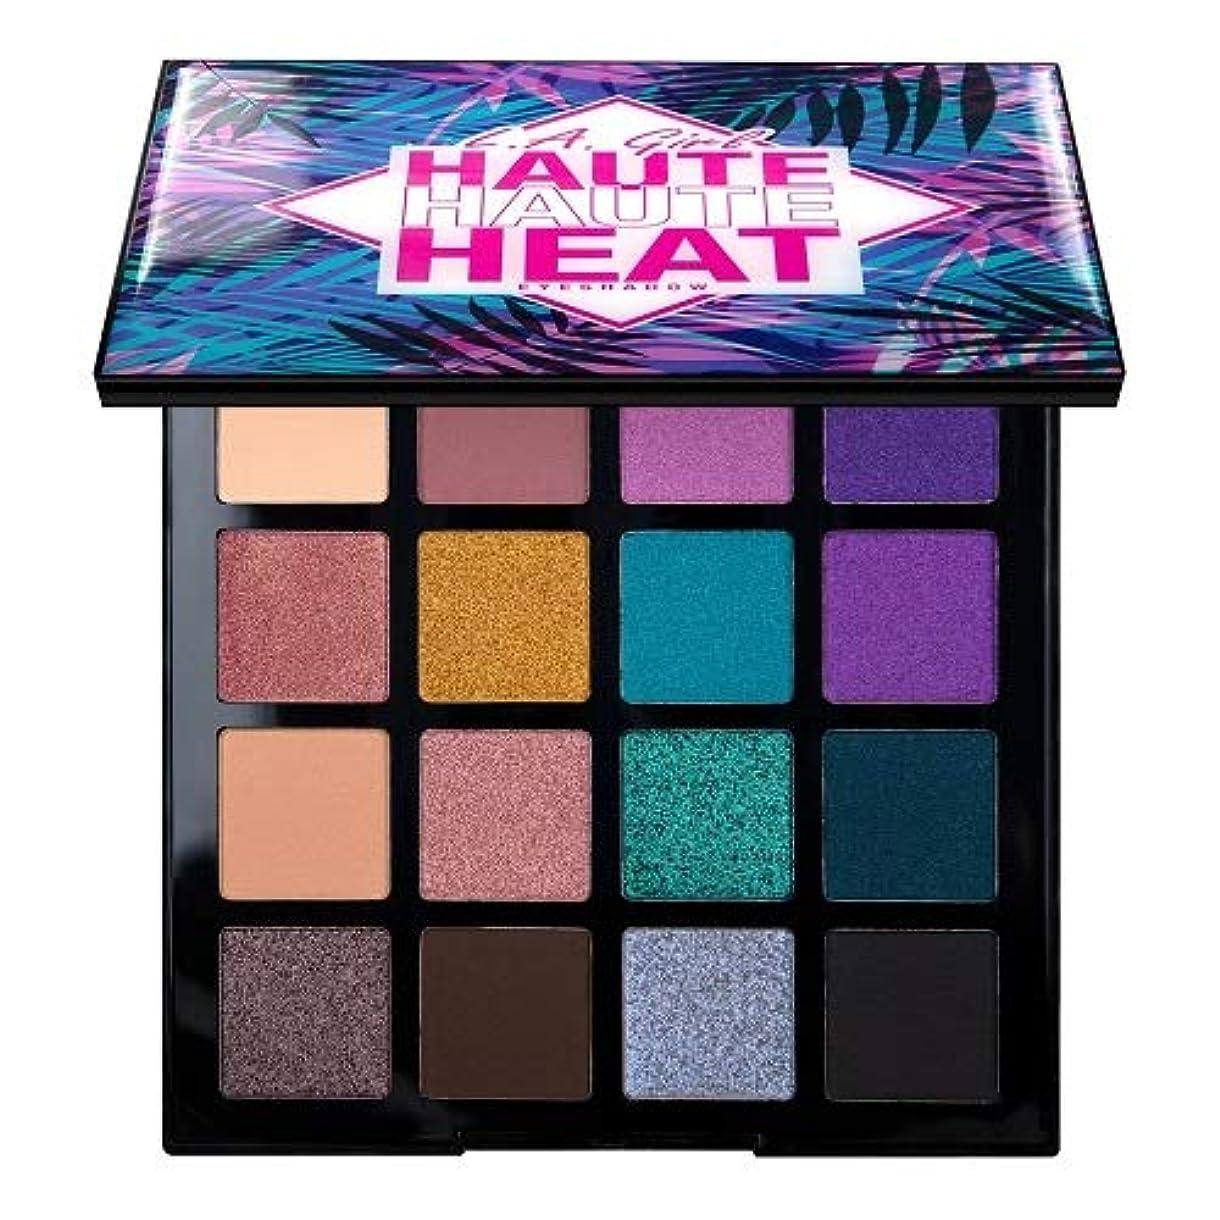 結び目コース場合L.A. GIRL Haute Haute Heat Eyeshadow - Aloha Vibes (Limited Edition) (並行輸入品)